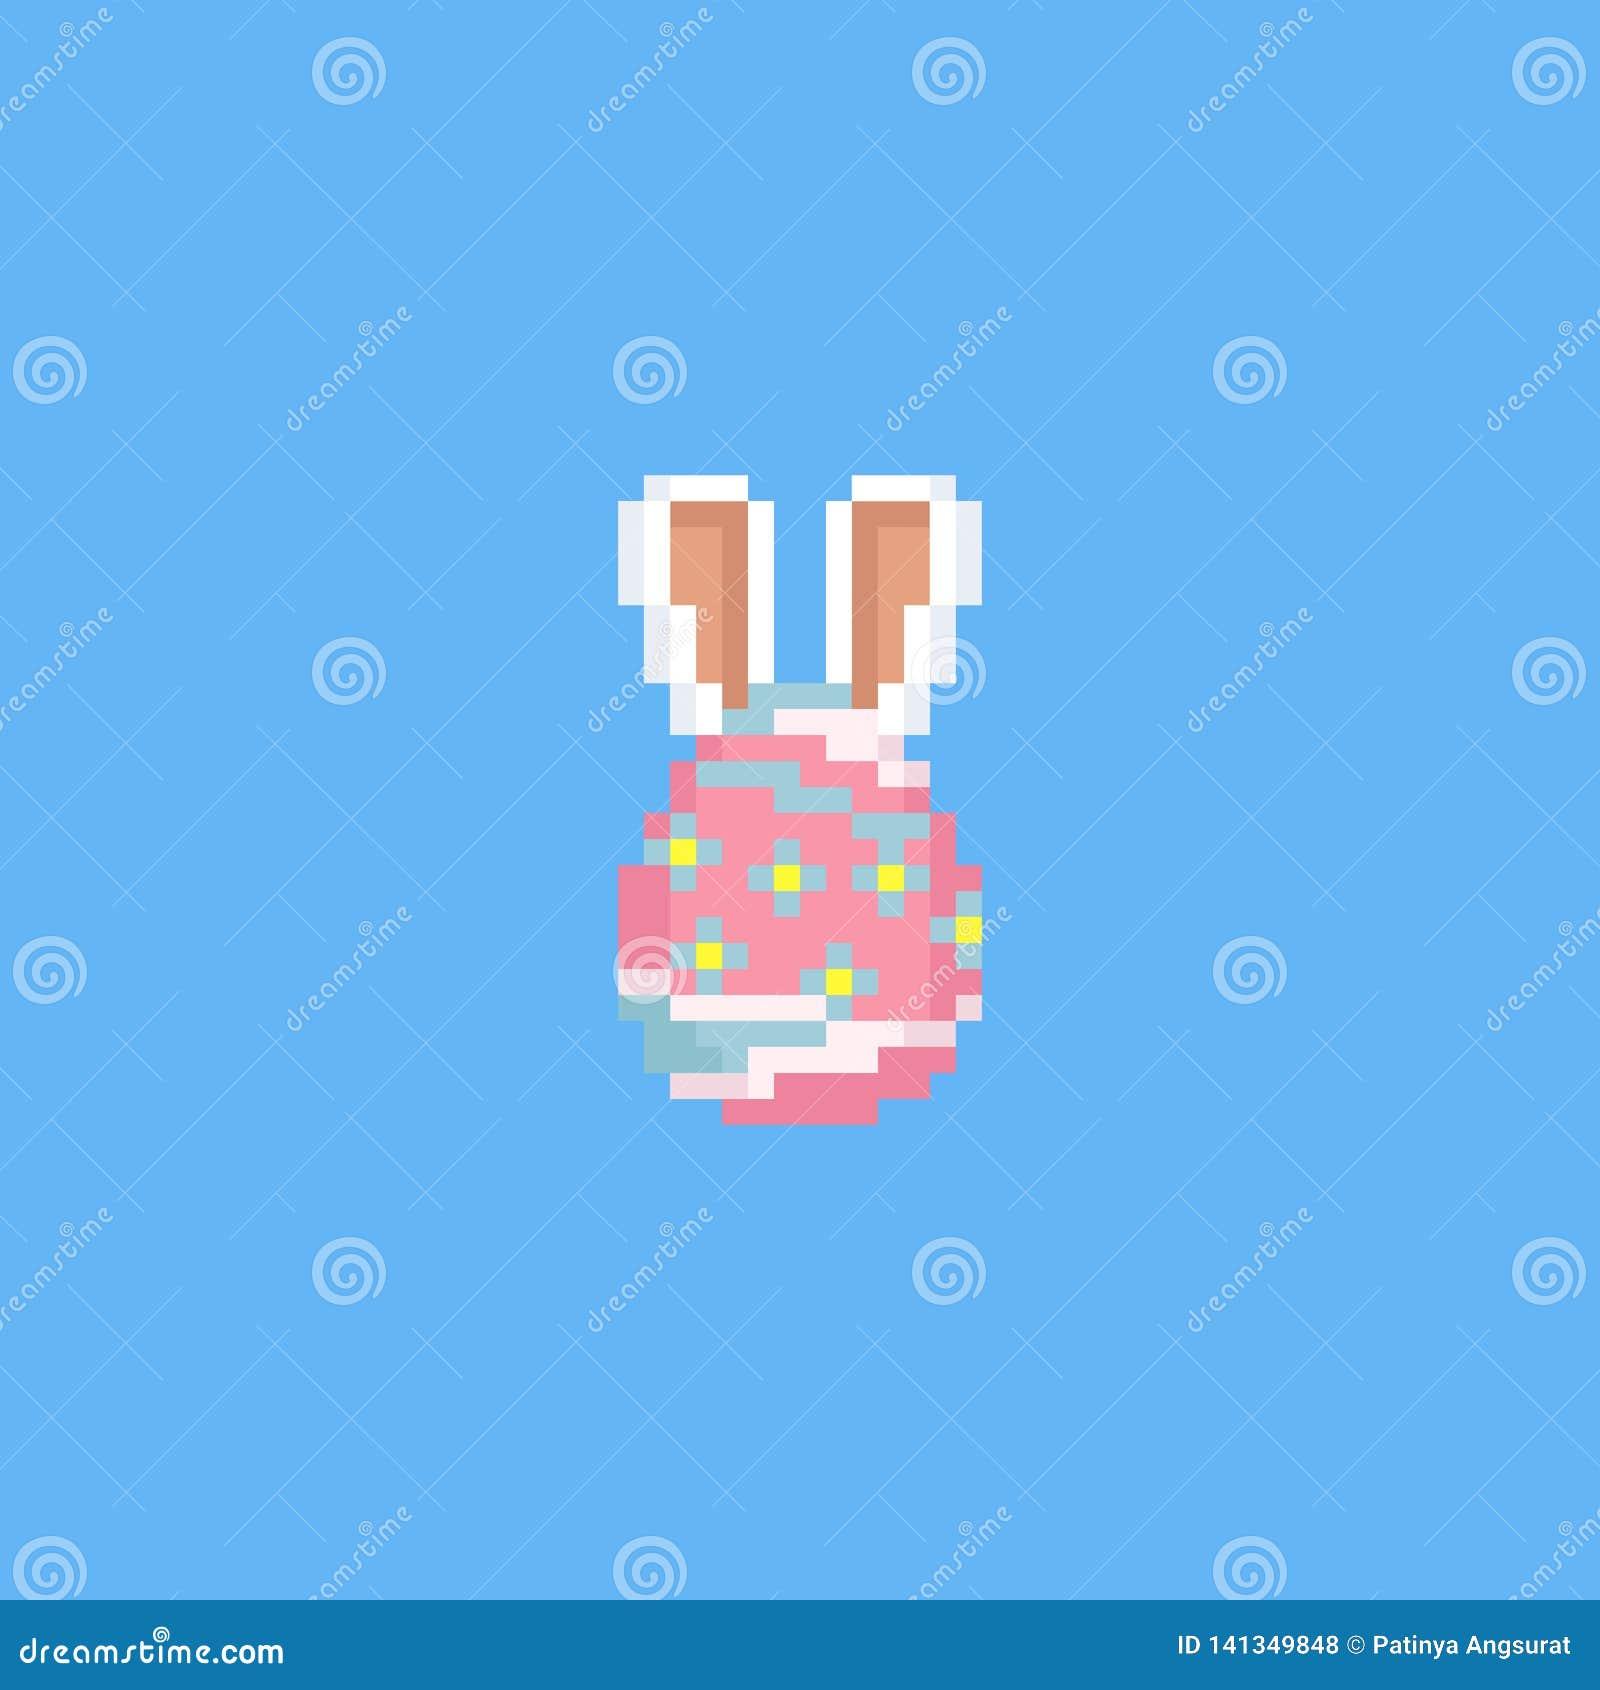 Oeuf De Pâques De Pixel Avec Des Oreilles De Lapin 8bit Jour